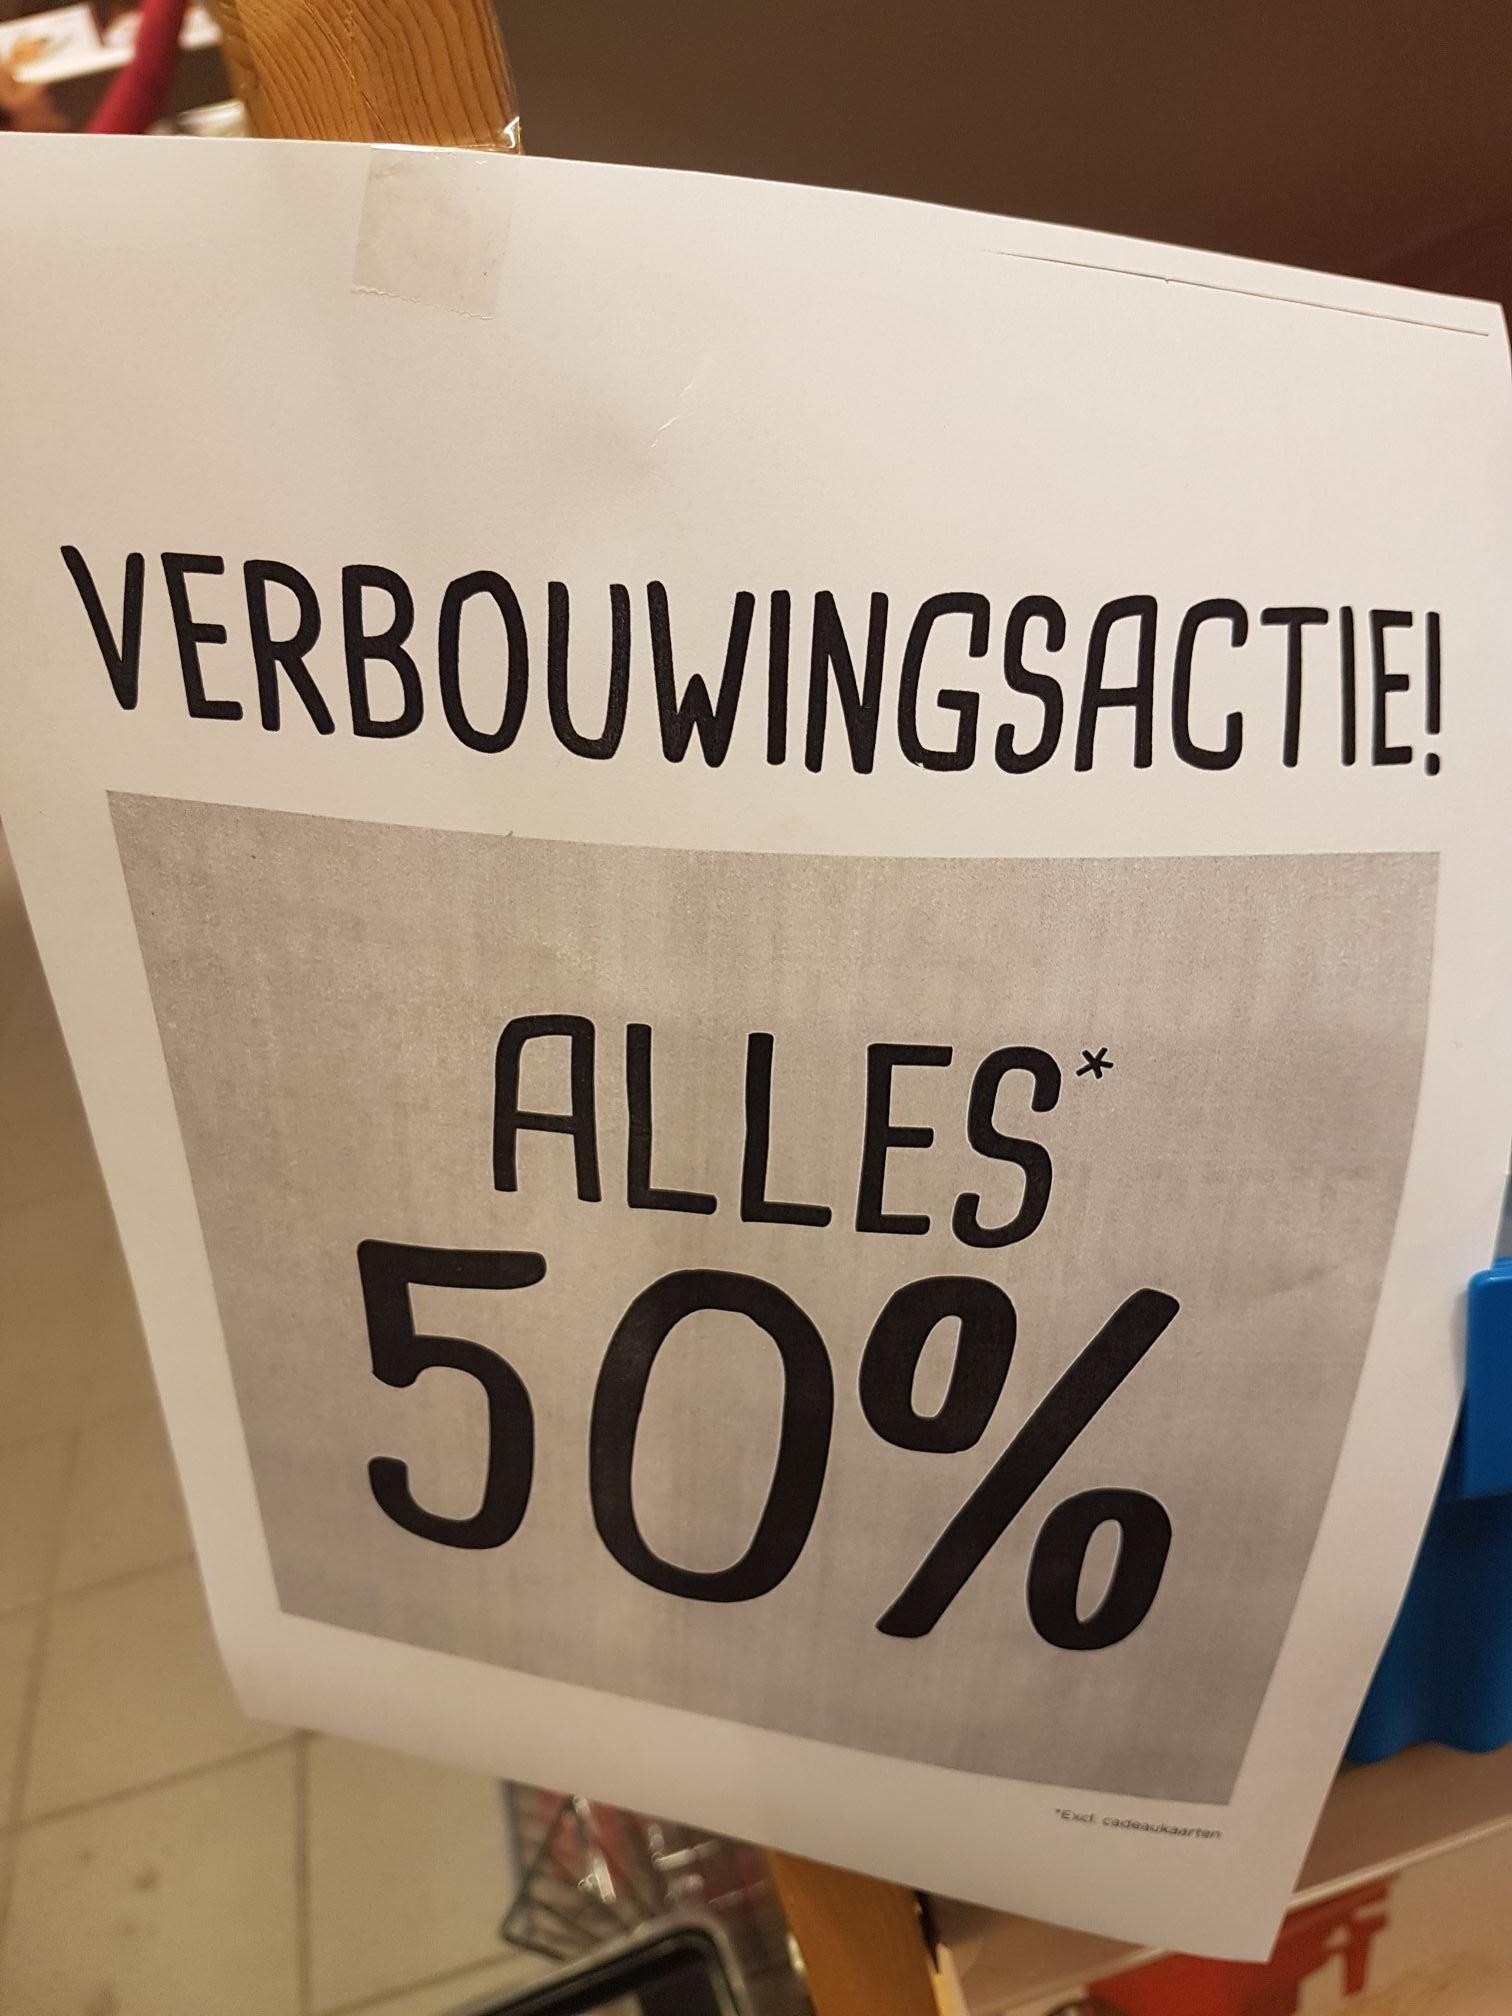 [Lokaal Assen] 50% op de gehele collectie @ Xenos Assen